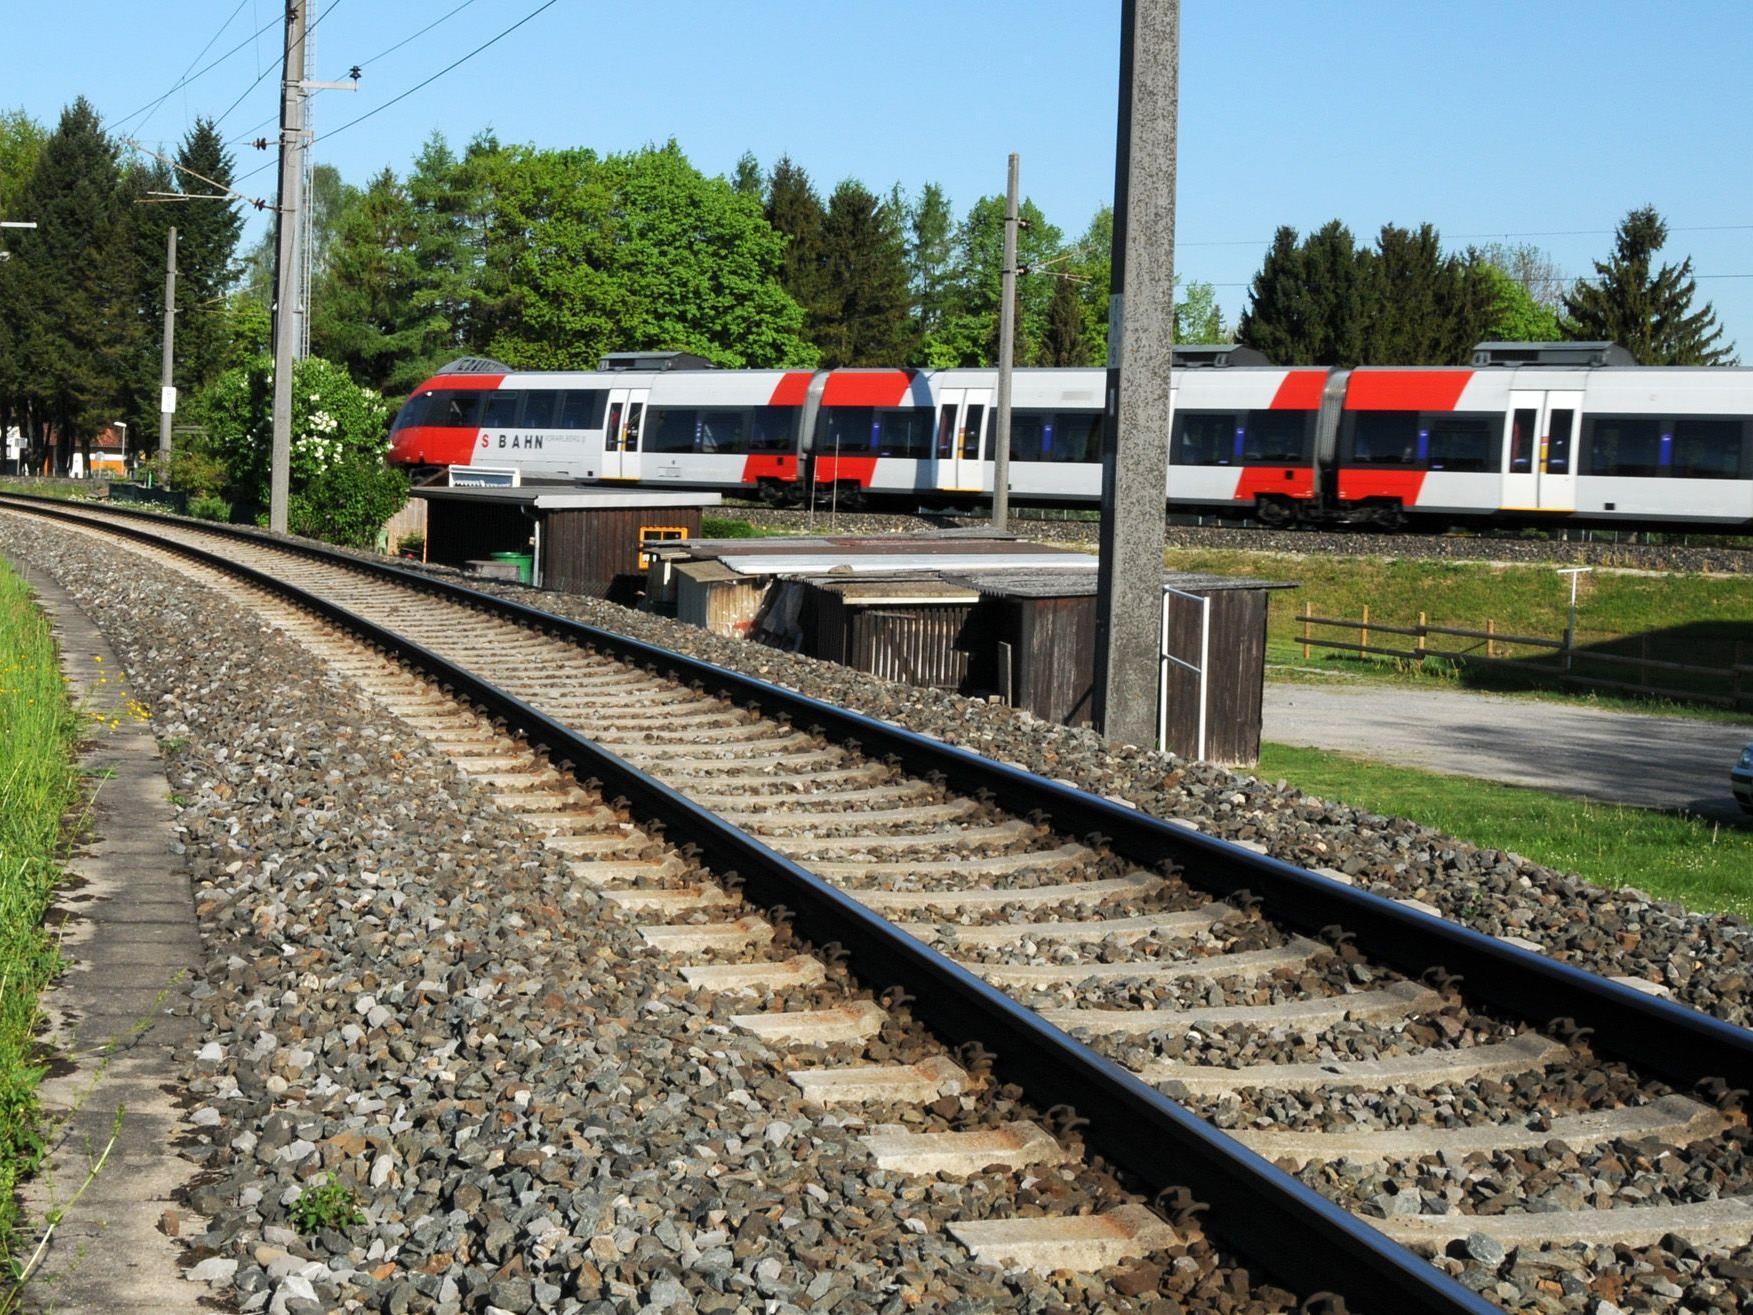 Die S-Bahn fährt von Bregenz Richtung Hard, das Gleis vorne bleibt hingegen meist ungenutzt.